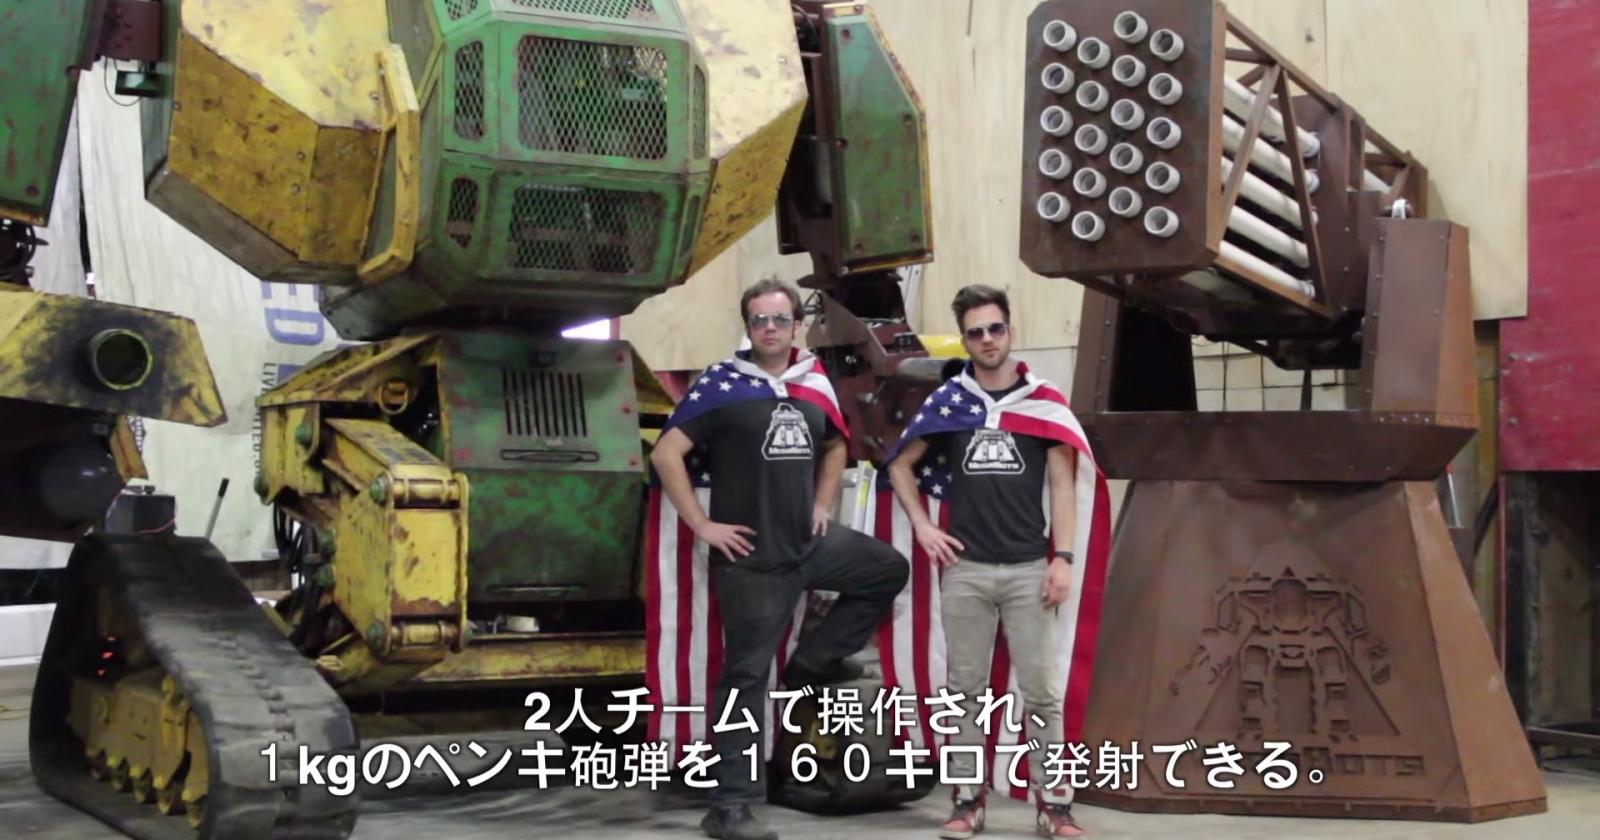 MegaBots Mark 2 giant robot mecha suit